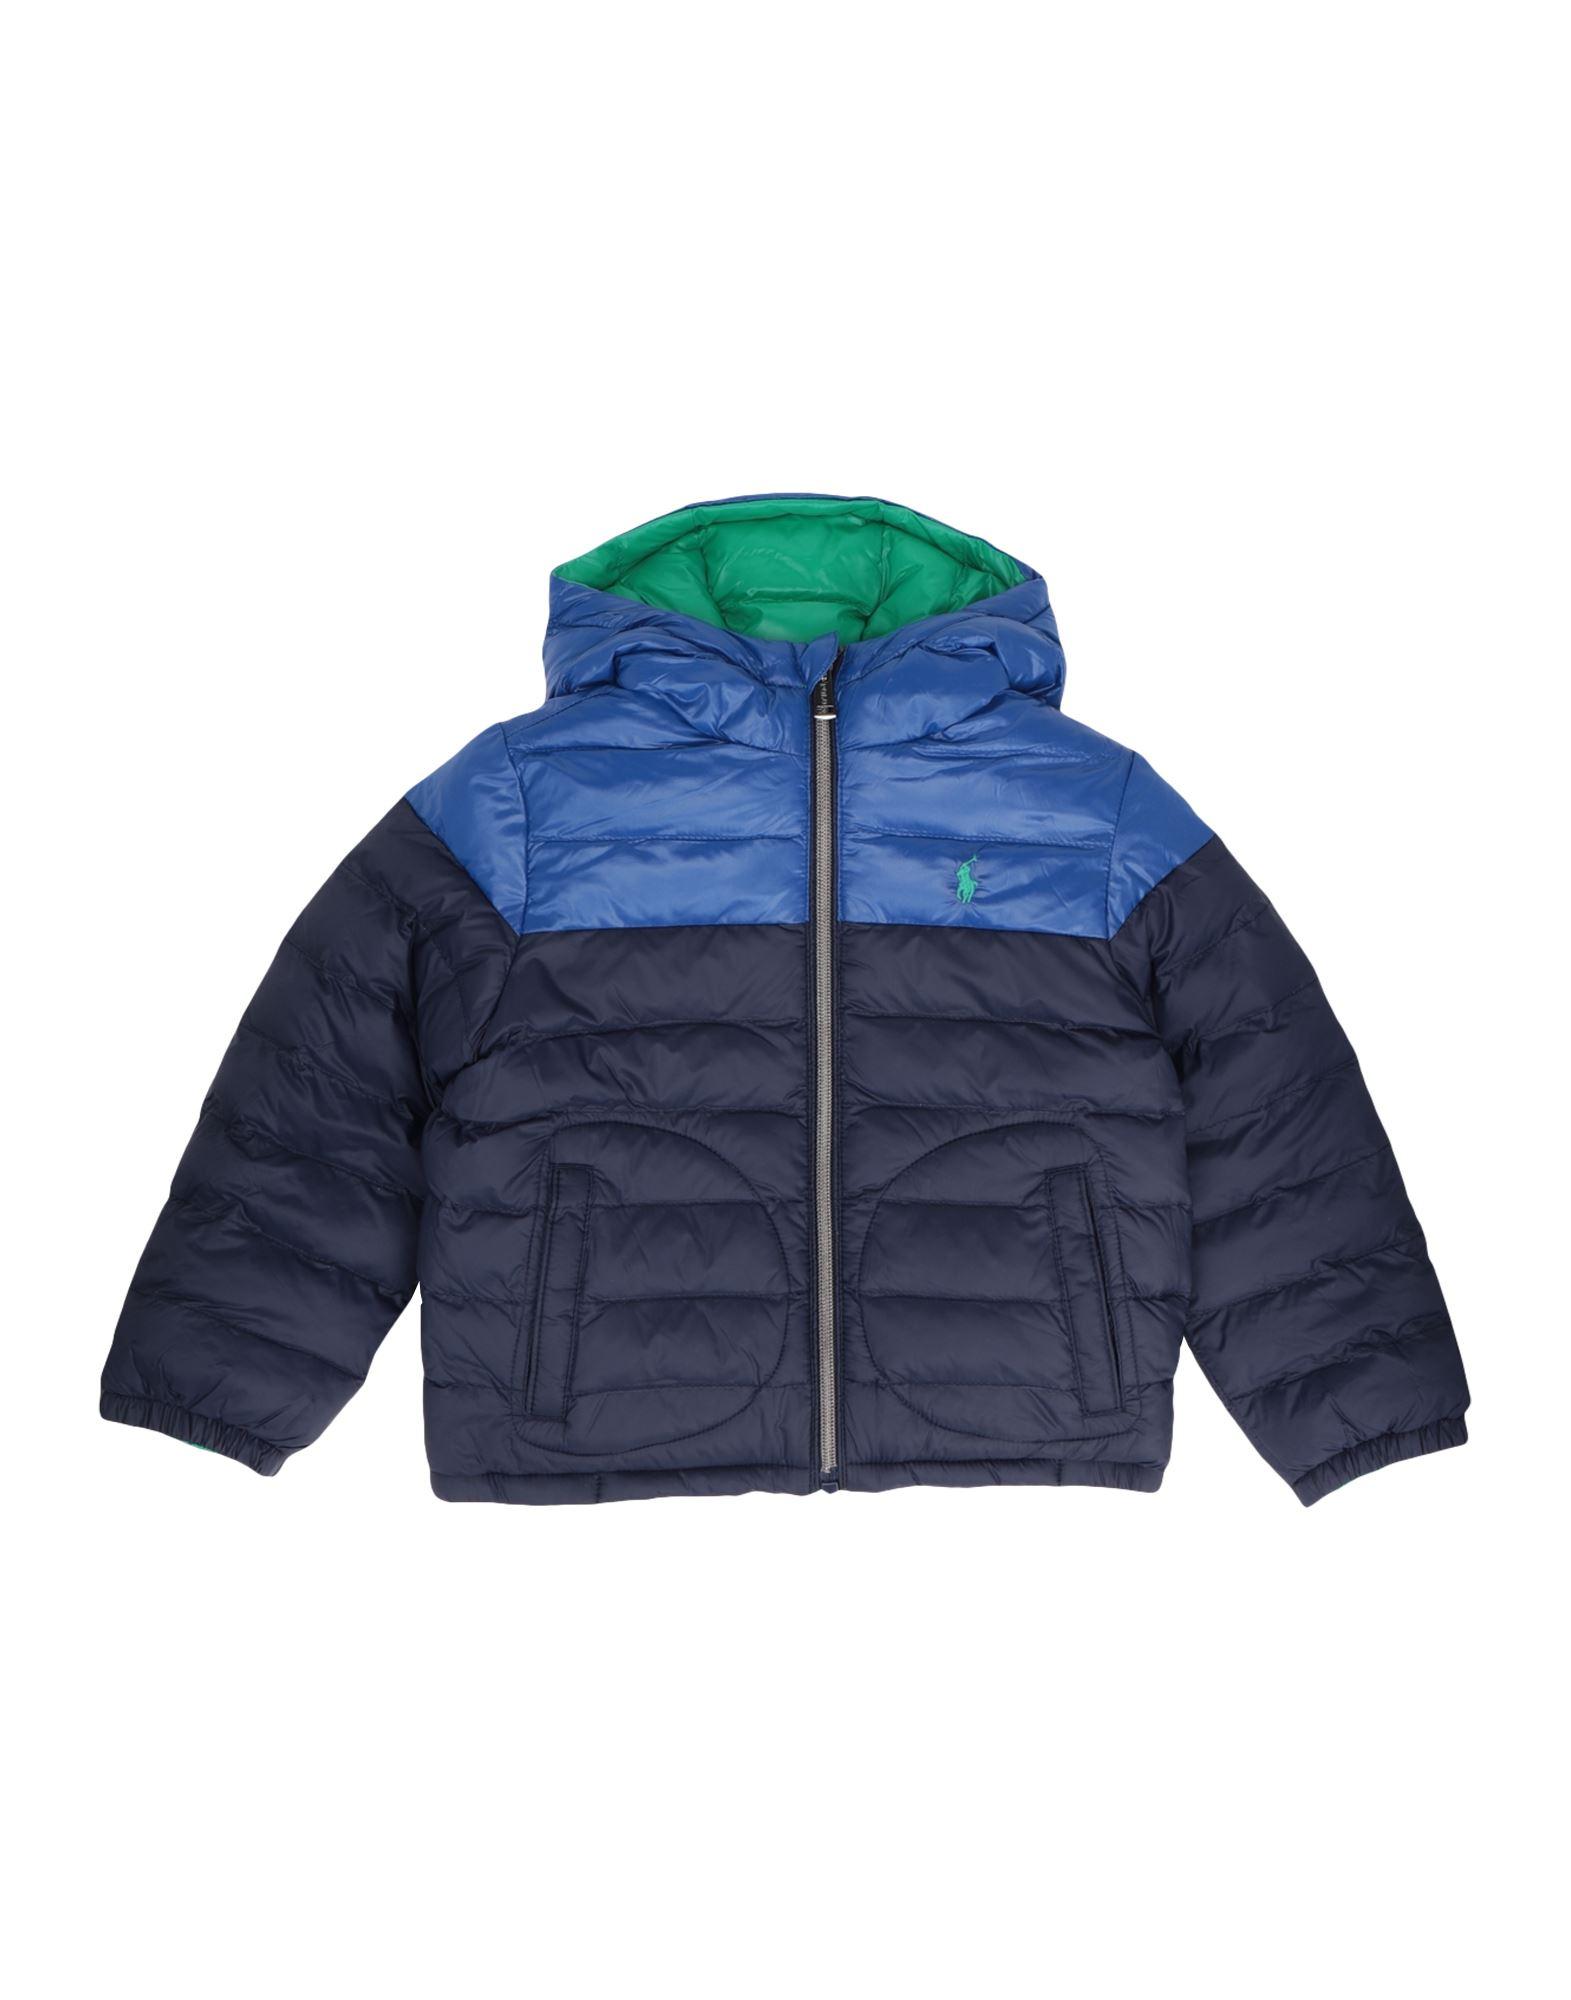 《セール開催中》RALPH LAUREN ボーイズ 3-8 歳 合成繊維中綿アウター ダークブルー 3 リサイクル ナイロン 100% Reversible Water-Resistant Jacket